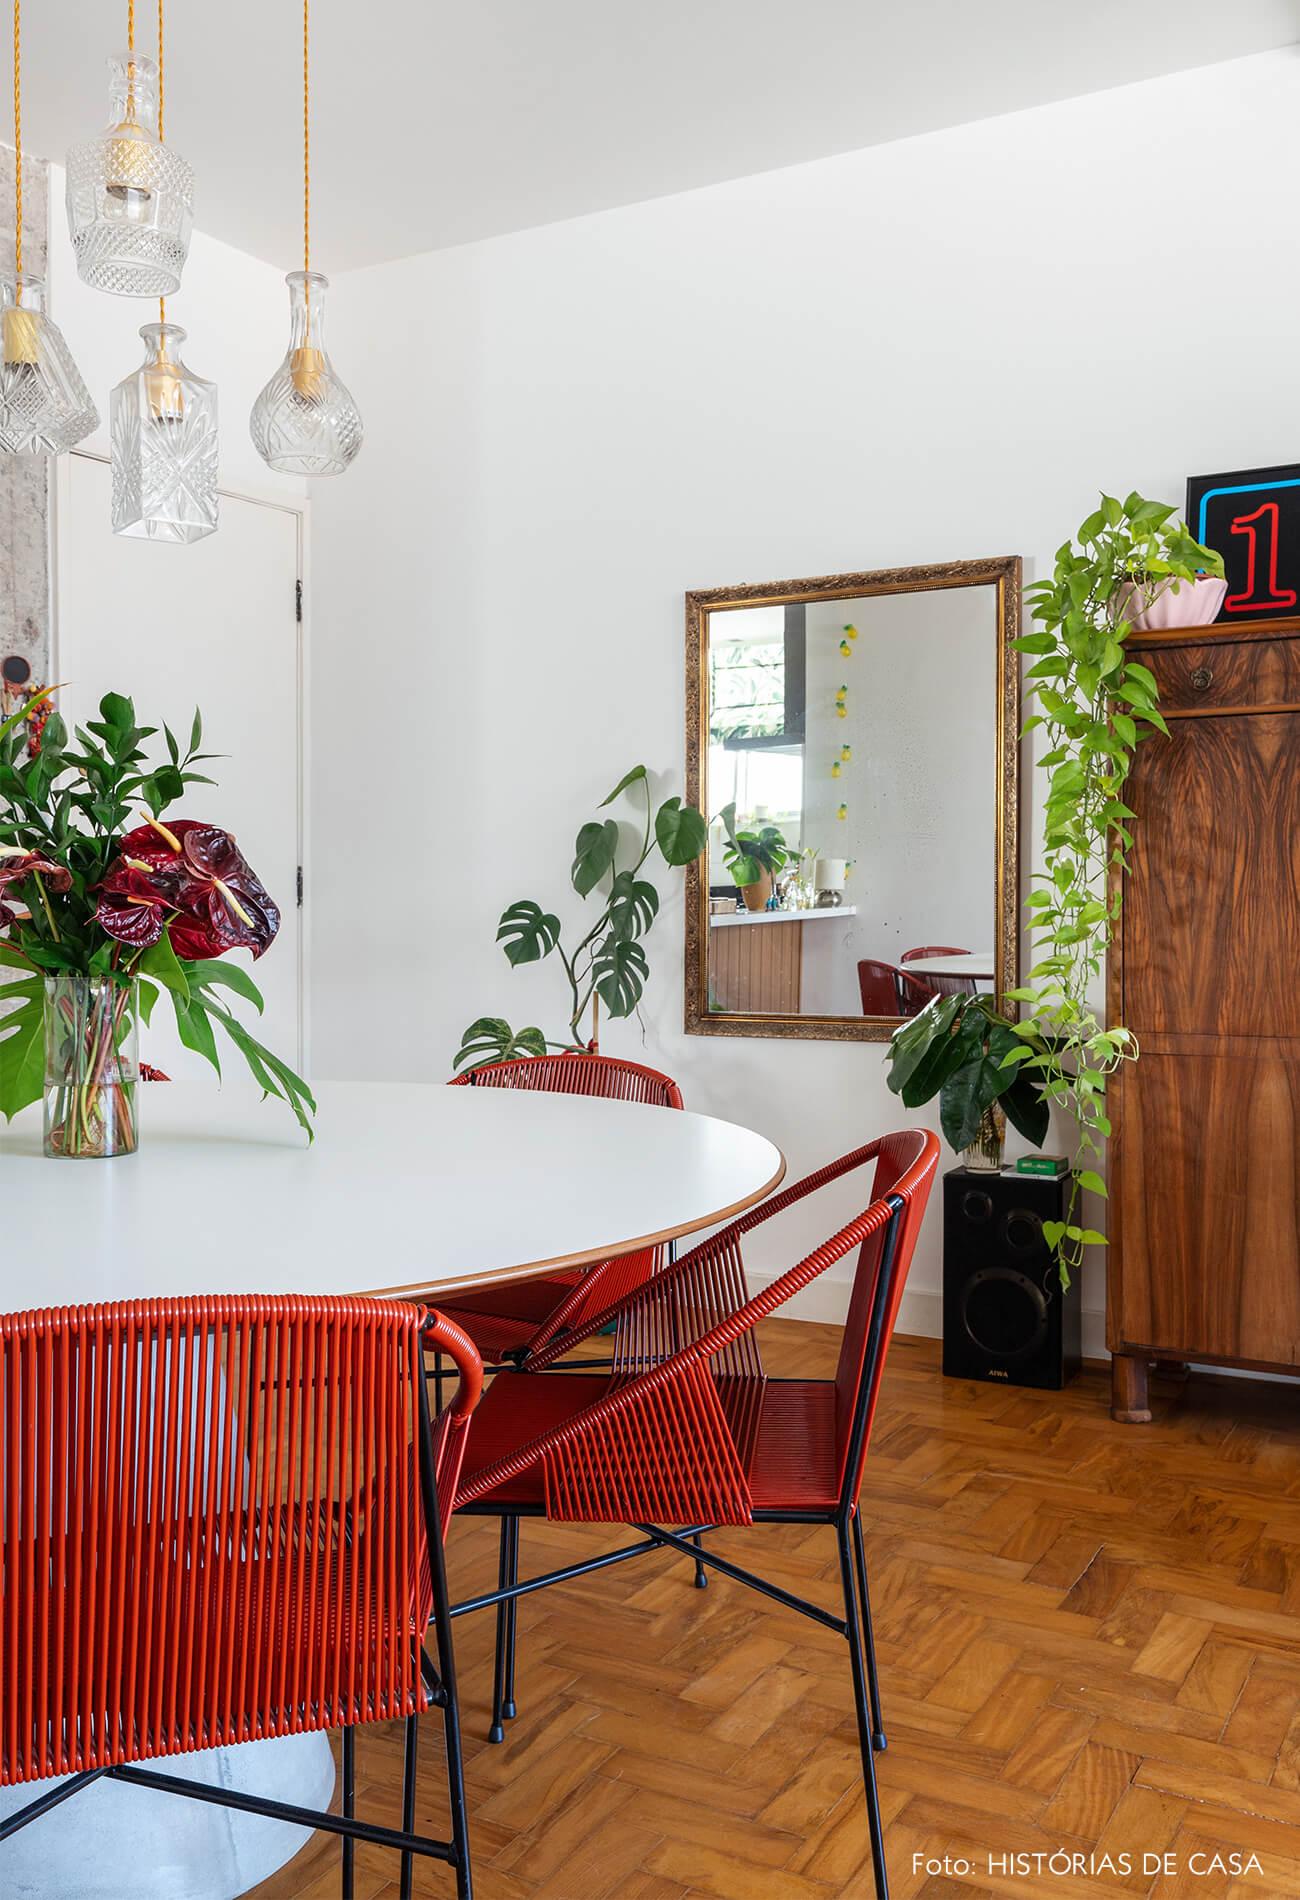 Sala jantar chão de madeira com cadeira vermelha e plantas